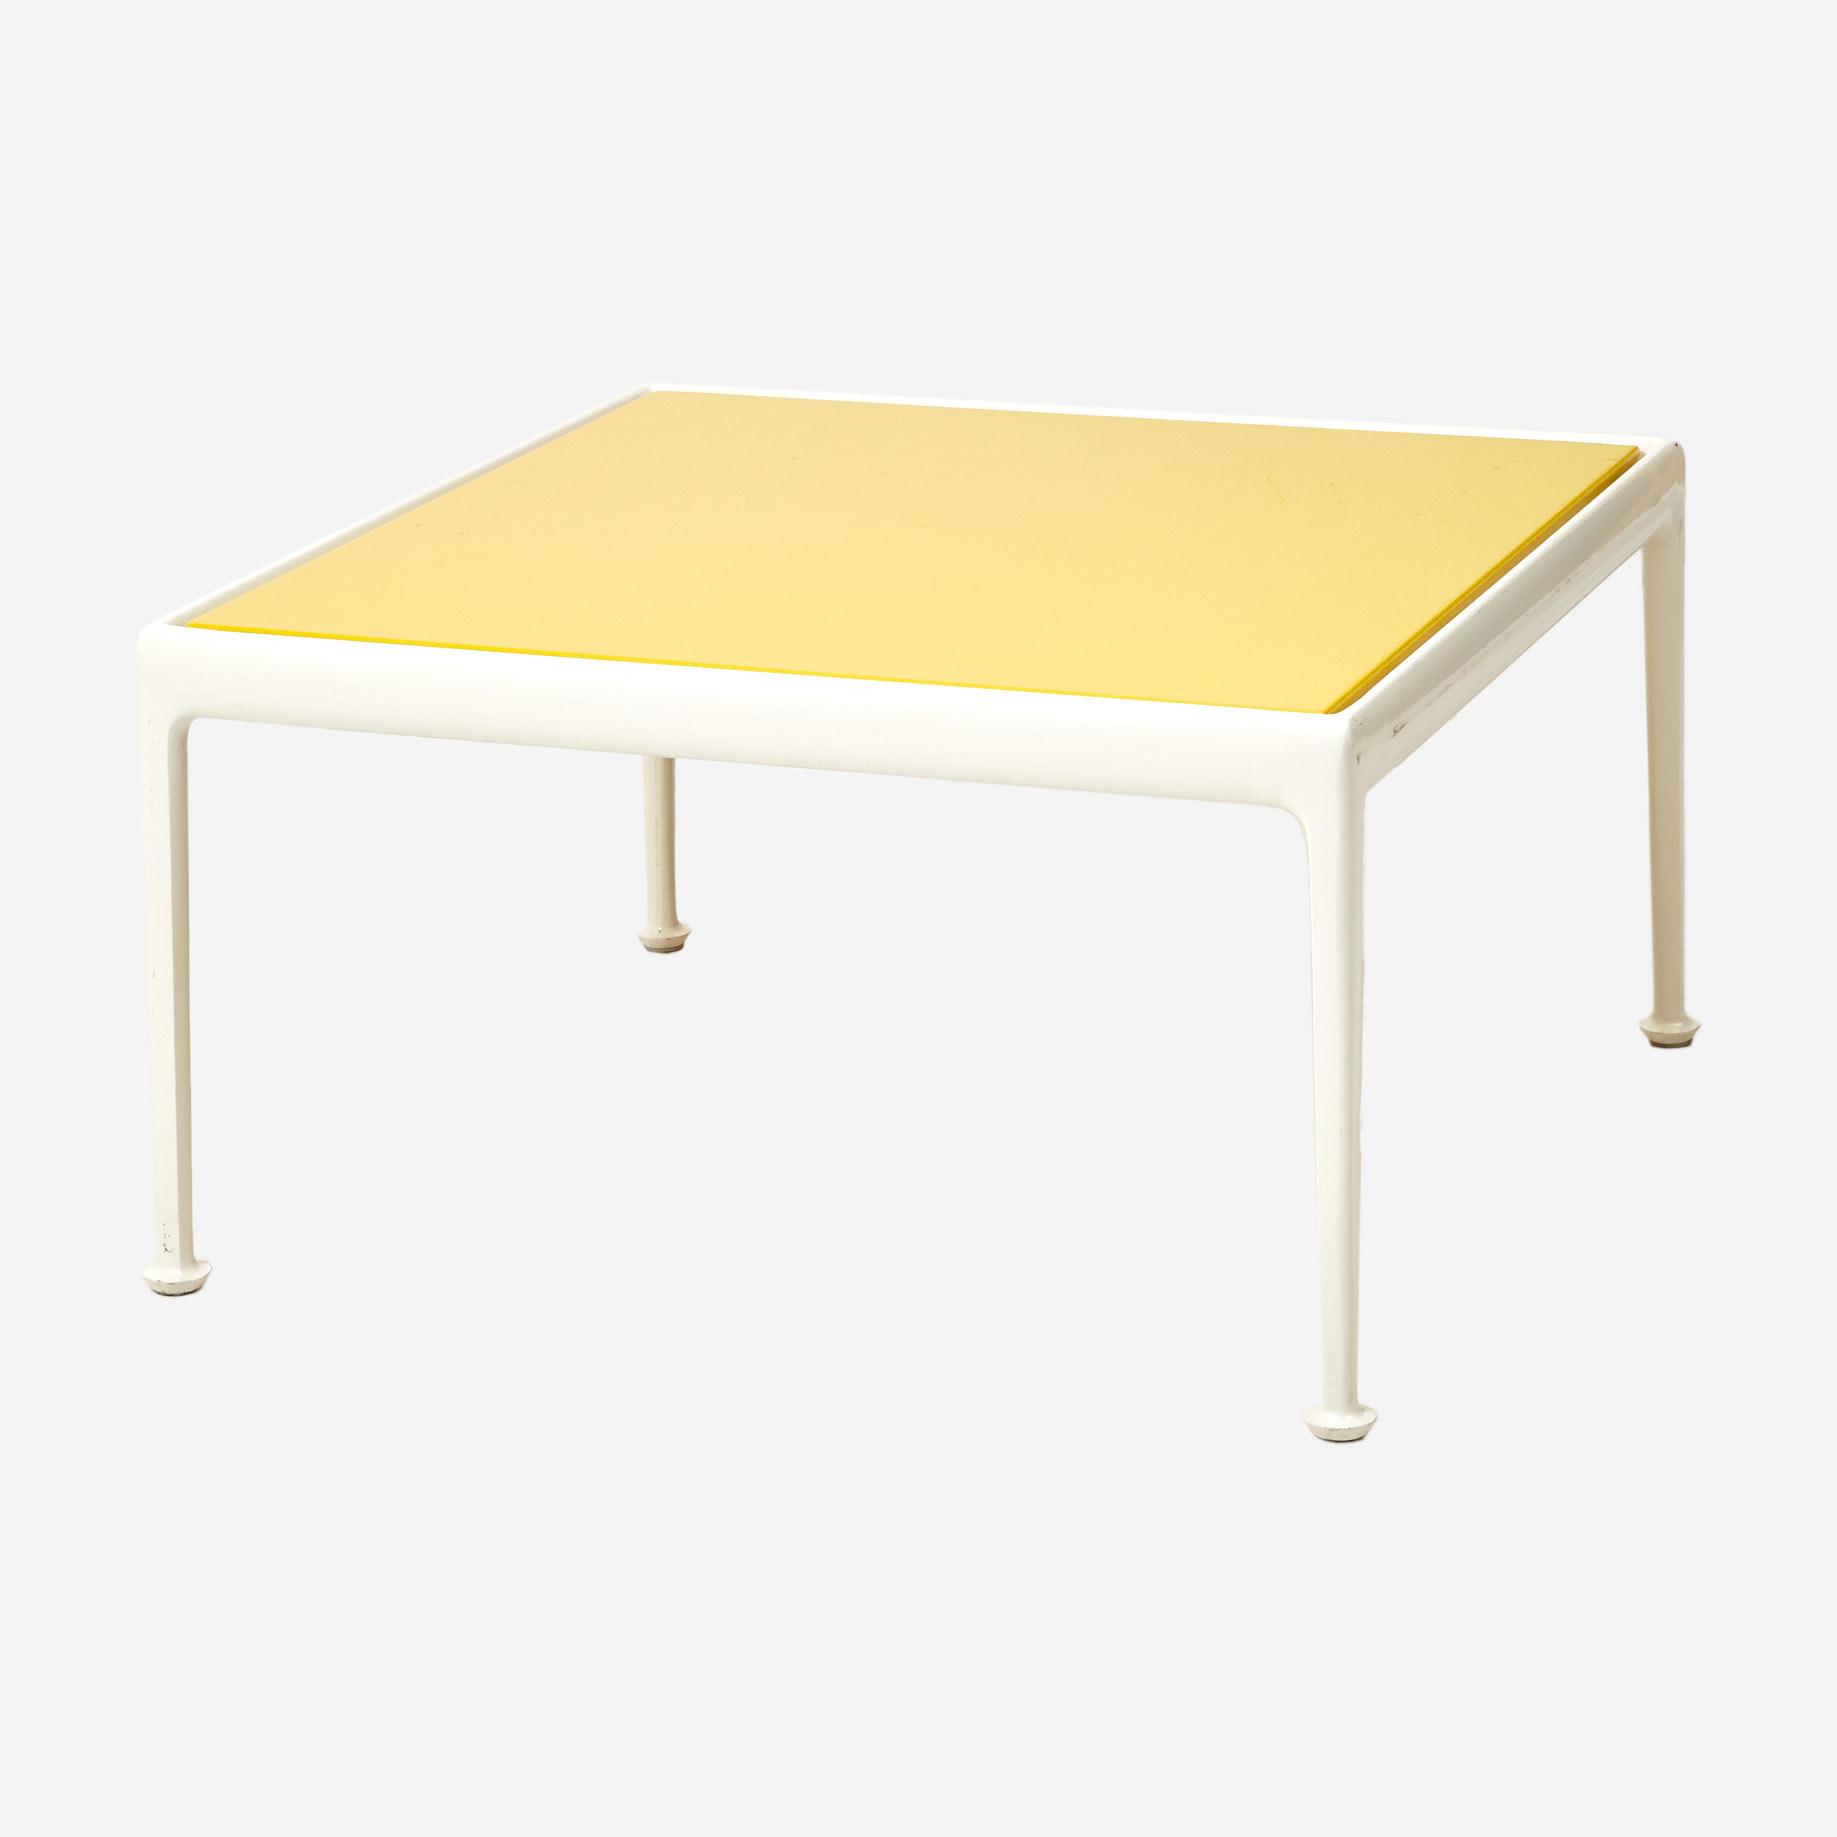 richard schultz tisch m bel z rich vintagem bel. Black Bedroom Furniture Sets. Home Design Ideas